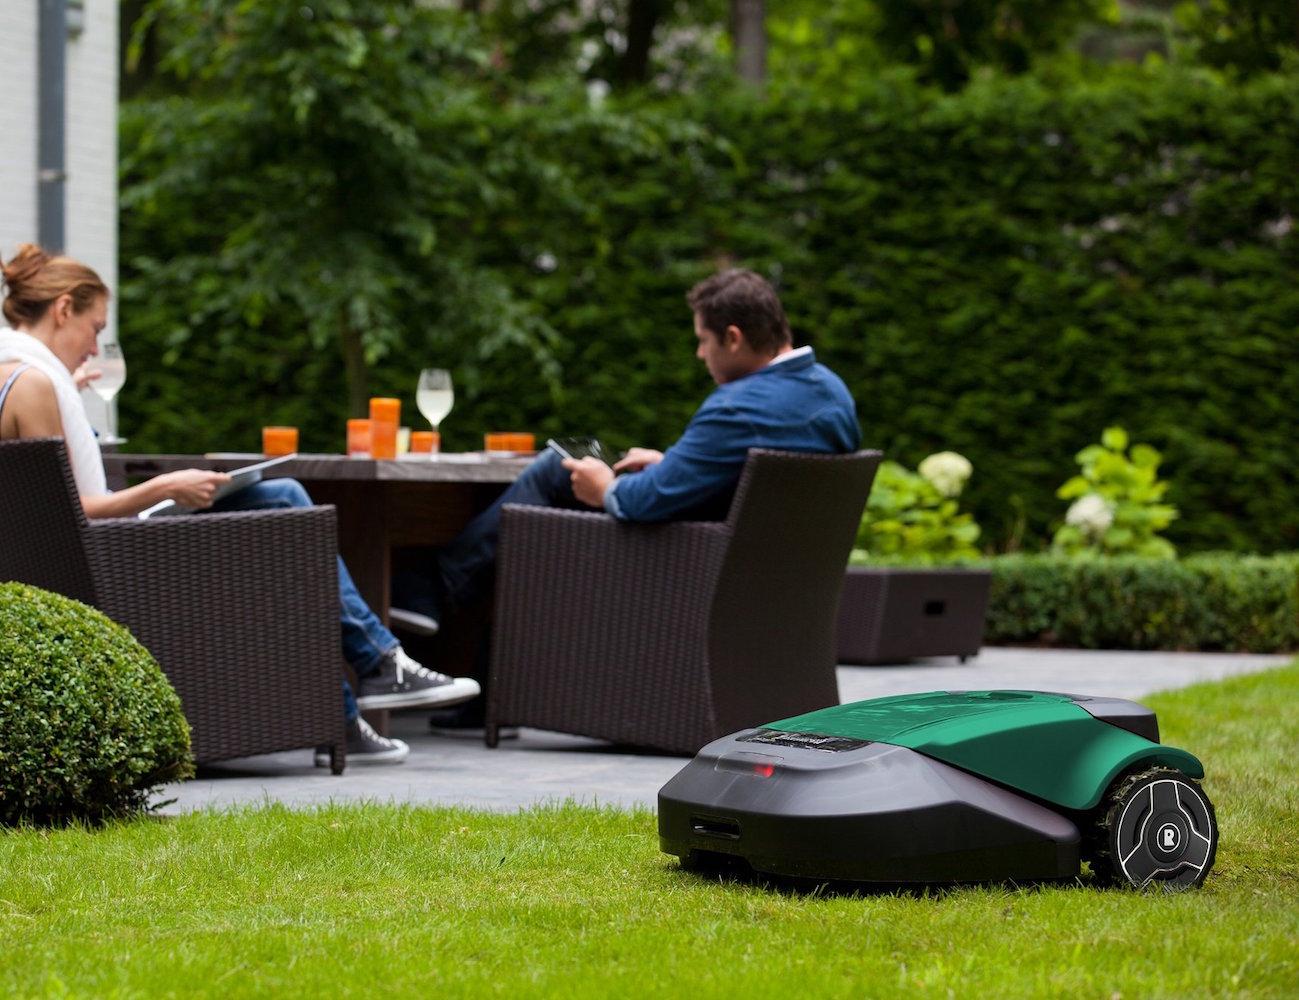 robomow-robotic-lawn-mower-01.jpg